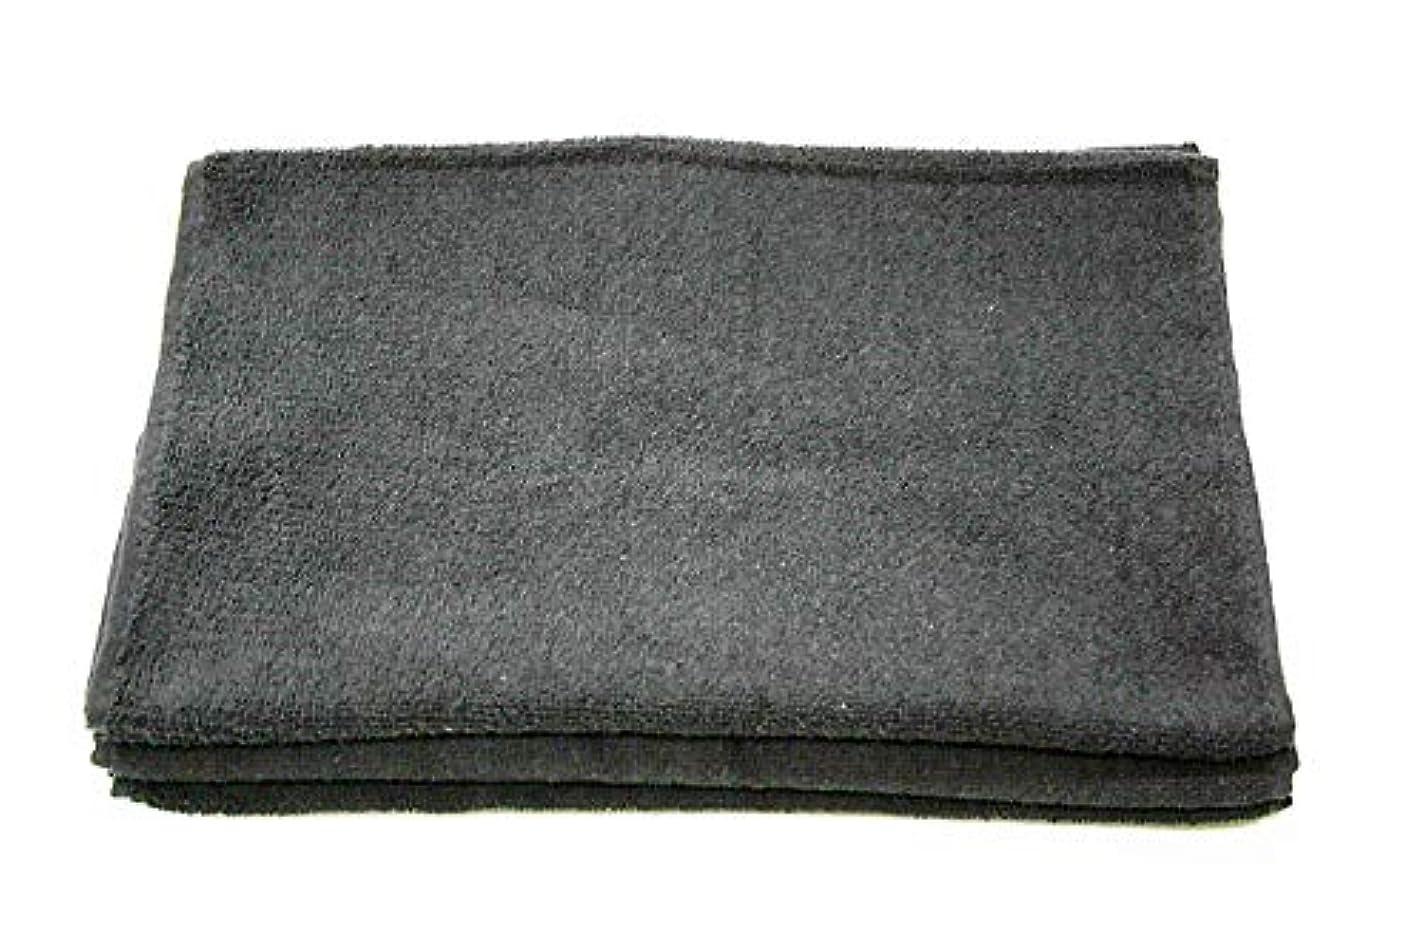 成功柔らかい足ウェイトレススーパータオル New ブリーチフリー 210匁 【1枚】(グレー)